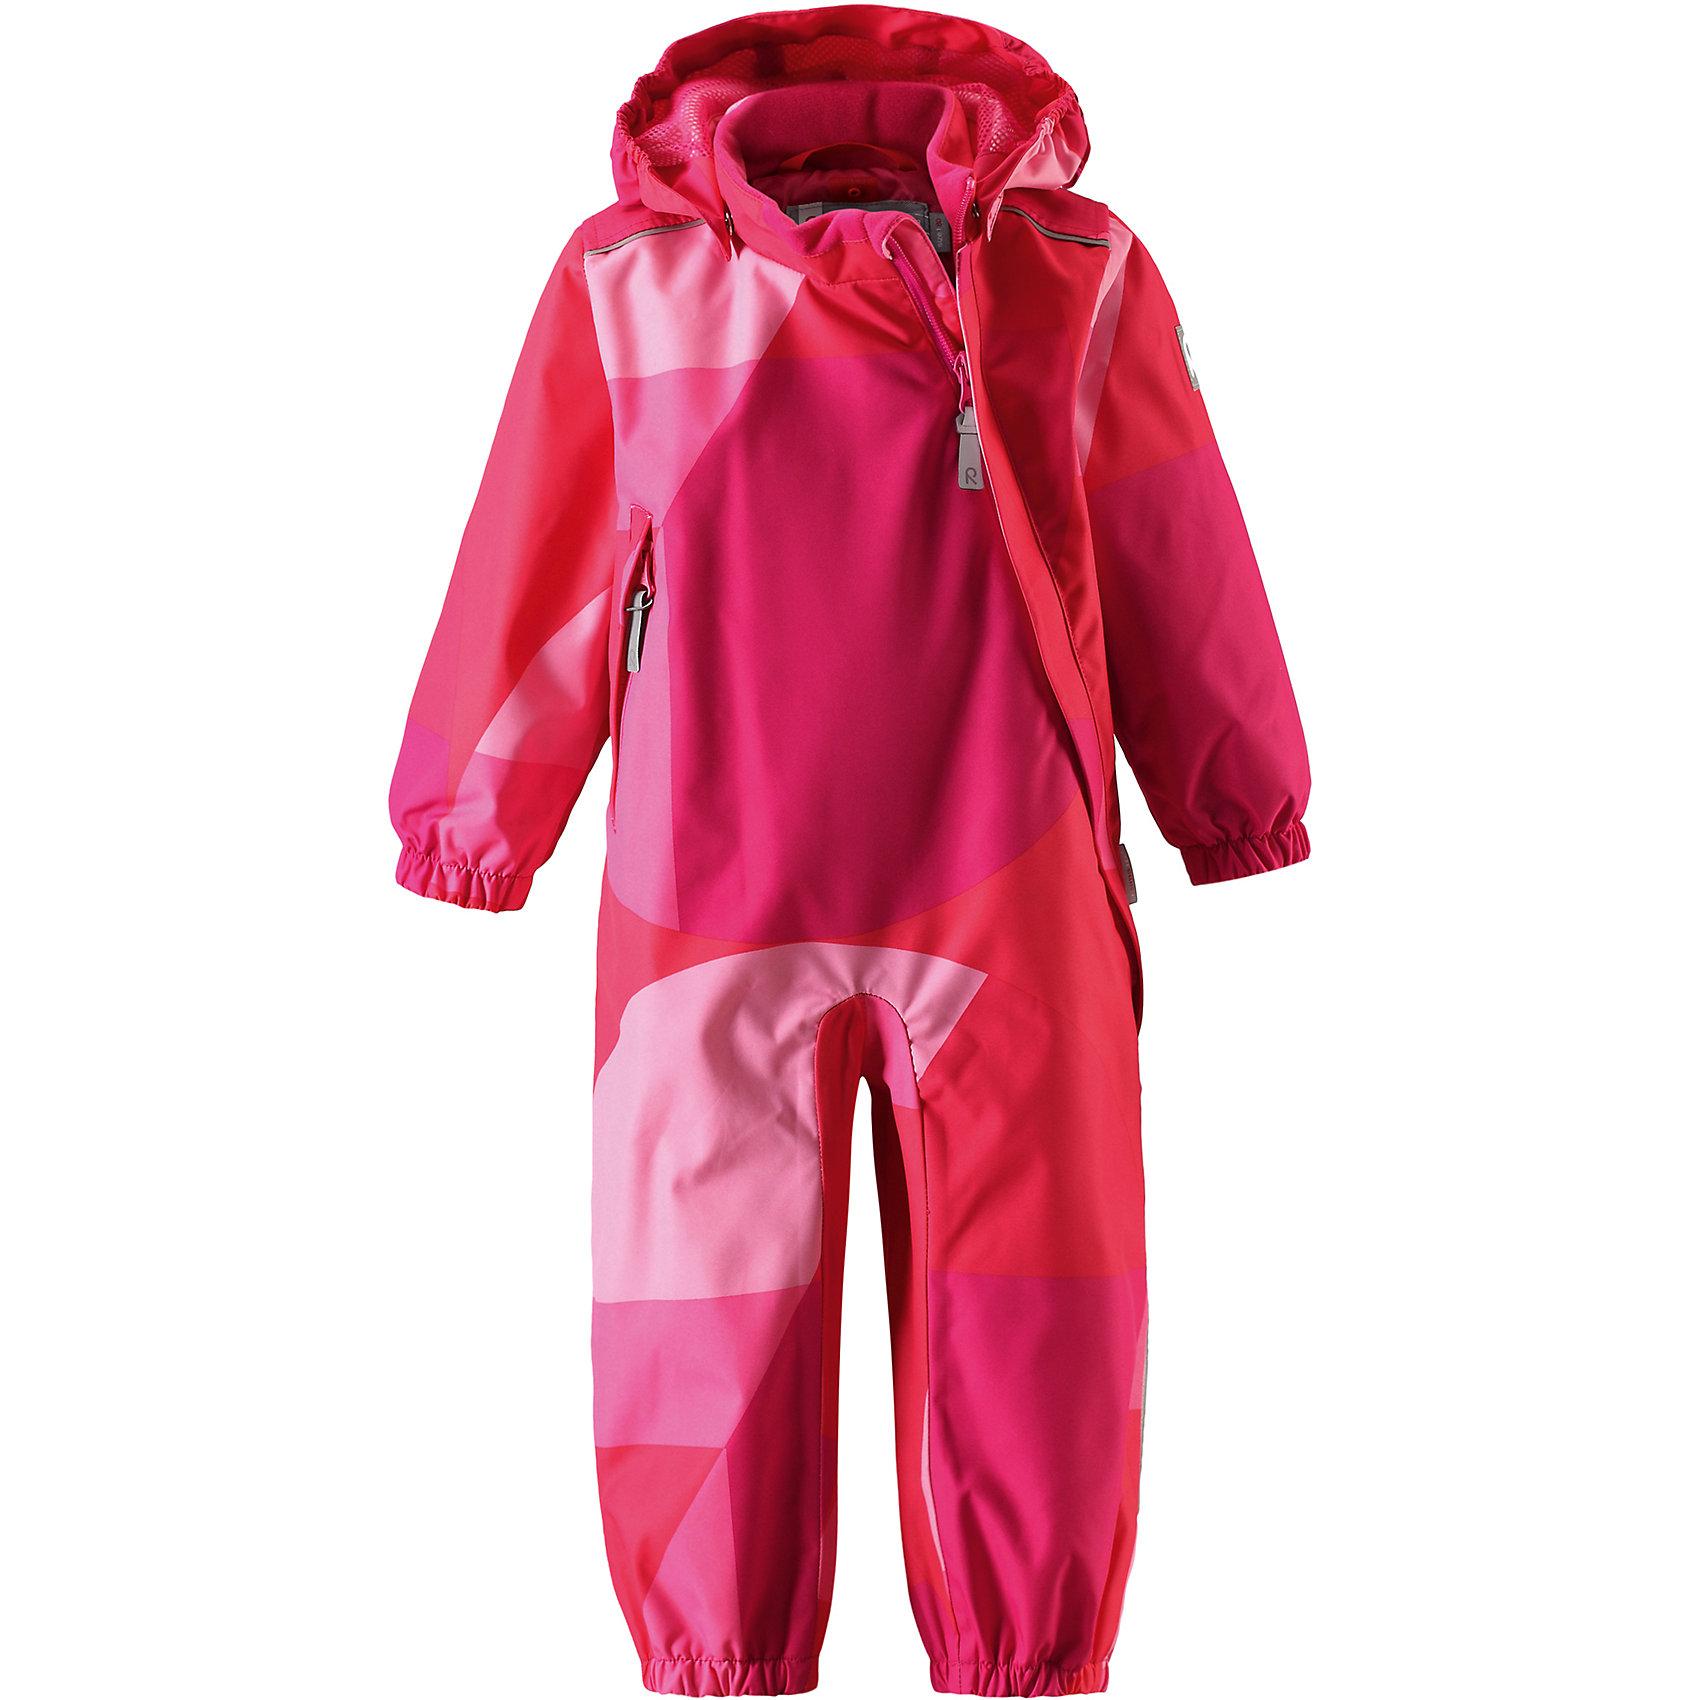 Комбинезон Nauru для девочки Reimatec® ReimaВерхняя одежда<br>Характеристики товара:<br><br>• цвет: розовый<br>• состав: 100% полиэстер, полиуретановое покрытие<br>• температурный режим: от +5° до +15°С<br>• водонепроницаемость: 15000 мм<br>• воздухопроницаемость: 5000 мм<br>• износостойкость: 35000 циклов (тес Мартиндейла)<br>• без утеплителя<br>• все швы проклеены, водонепроницаемы<br>• водо- и ветронепроницаемый, дышащий, грязеотталкивающий материал<br>• гладкая подкладка из полиэстера по всему изделию, mesh сетка на капюшоне<br>• безопасный съёмный капюшон<br>• эластичные манжеты<br>• прочные съёмные силиконовые штрипки<br>• длинная застёжка на молнии облегчает надевание<br>• карман на молнии<br>• комфортная посадка<br>• страна производства: Китай<br>• страна бренда: Финляндия<br>• коллекция: весна-лето 2017<br><br>Верхняя одежда для детей может быть модной и комфортной одновременно! Демисезонный комбинезон поможет обеспечить ребенку комфорт и тепло. Он отлично смотрится с различной обувью. Изделие удобно сидит и модно выглядит. Материал - прочный, хорошо подходящий для межсезонья, водо- и ветронепроницаемый, «дышащий». Стильный дизайн разрабатывался специально для детей.<br><br>Одежда и обувь от финского бренда Reima пользуется популярностью во многих странах. Эти изделия стильные, качественные и удобные. Для производства продукции используются только безопасные, проверенные материалы и фурнитура. Порадуйте ребенка модными и красивыми вещами от Reima! <br><br>Комбинезон для девочки Reimatec® от финского бренда Reima (Рейма) можно купить в нашем интернет-магазине.<br><br>Ширина мм: 356<br>Глубина мм: 10<br>Высота мм: 245<br>Вес г: 519<br>Цвет: розовый<br>Возраст от месяцев: 6<br>Возраст до месяцев: 9<br>Пол: Женский<br>Возраст: Детский<br>Размер: 74,98,92,86,80<br>SKU: 5265784